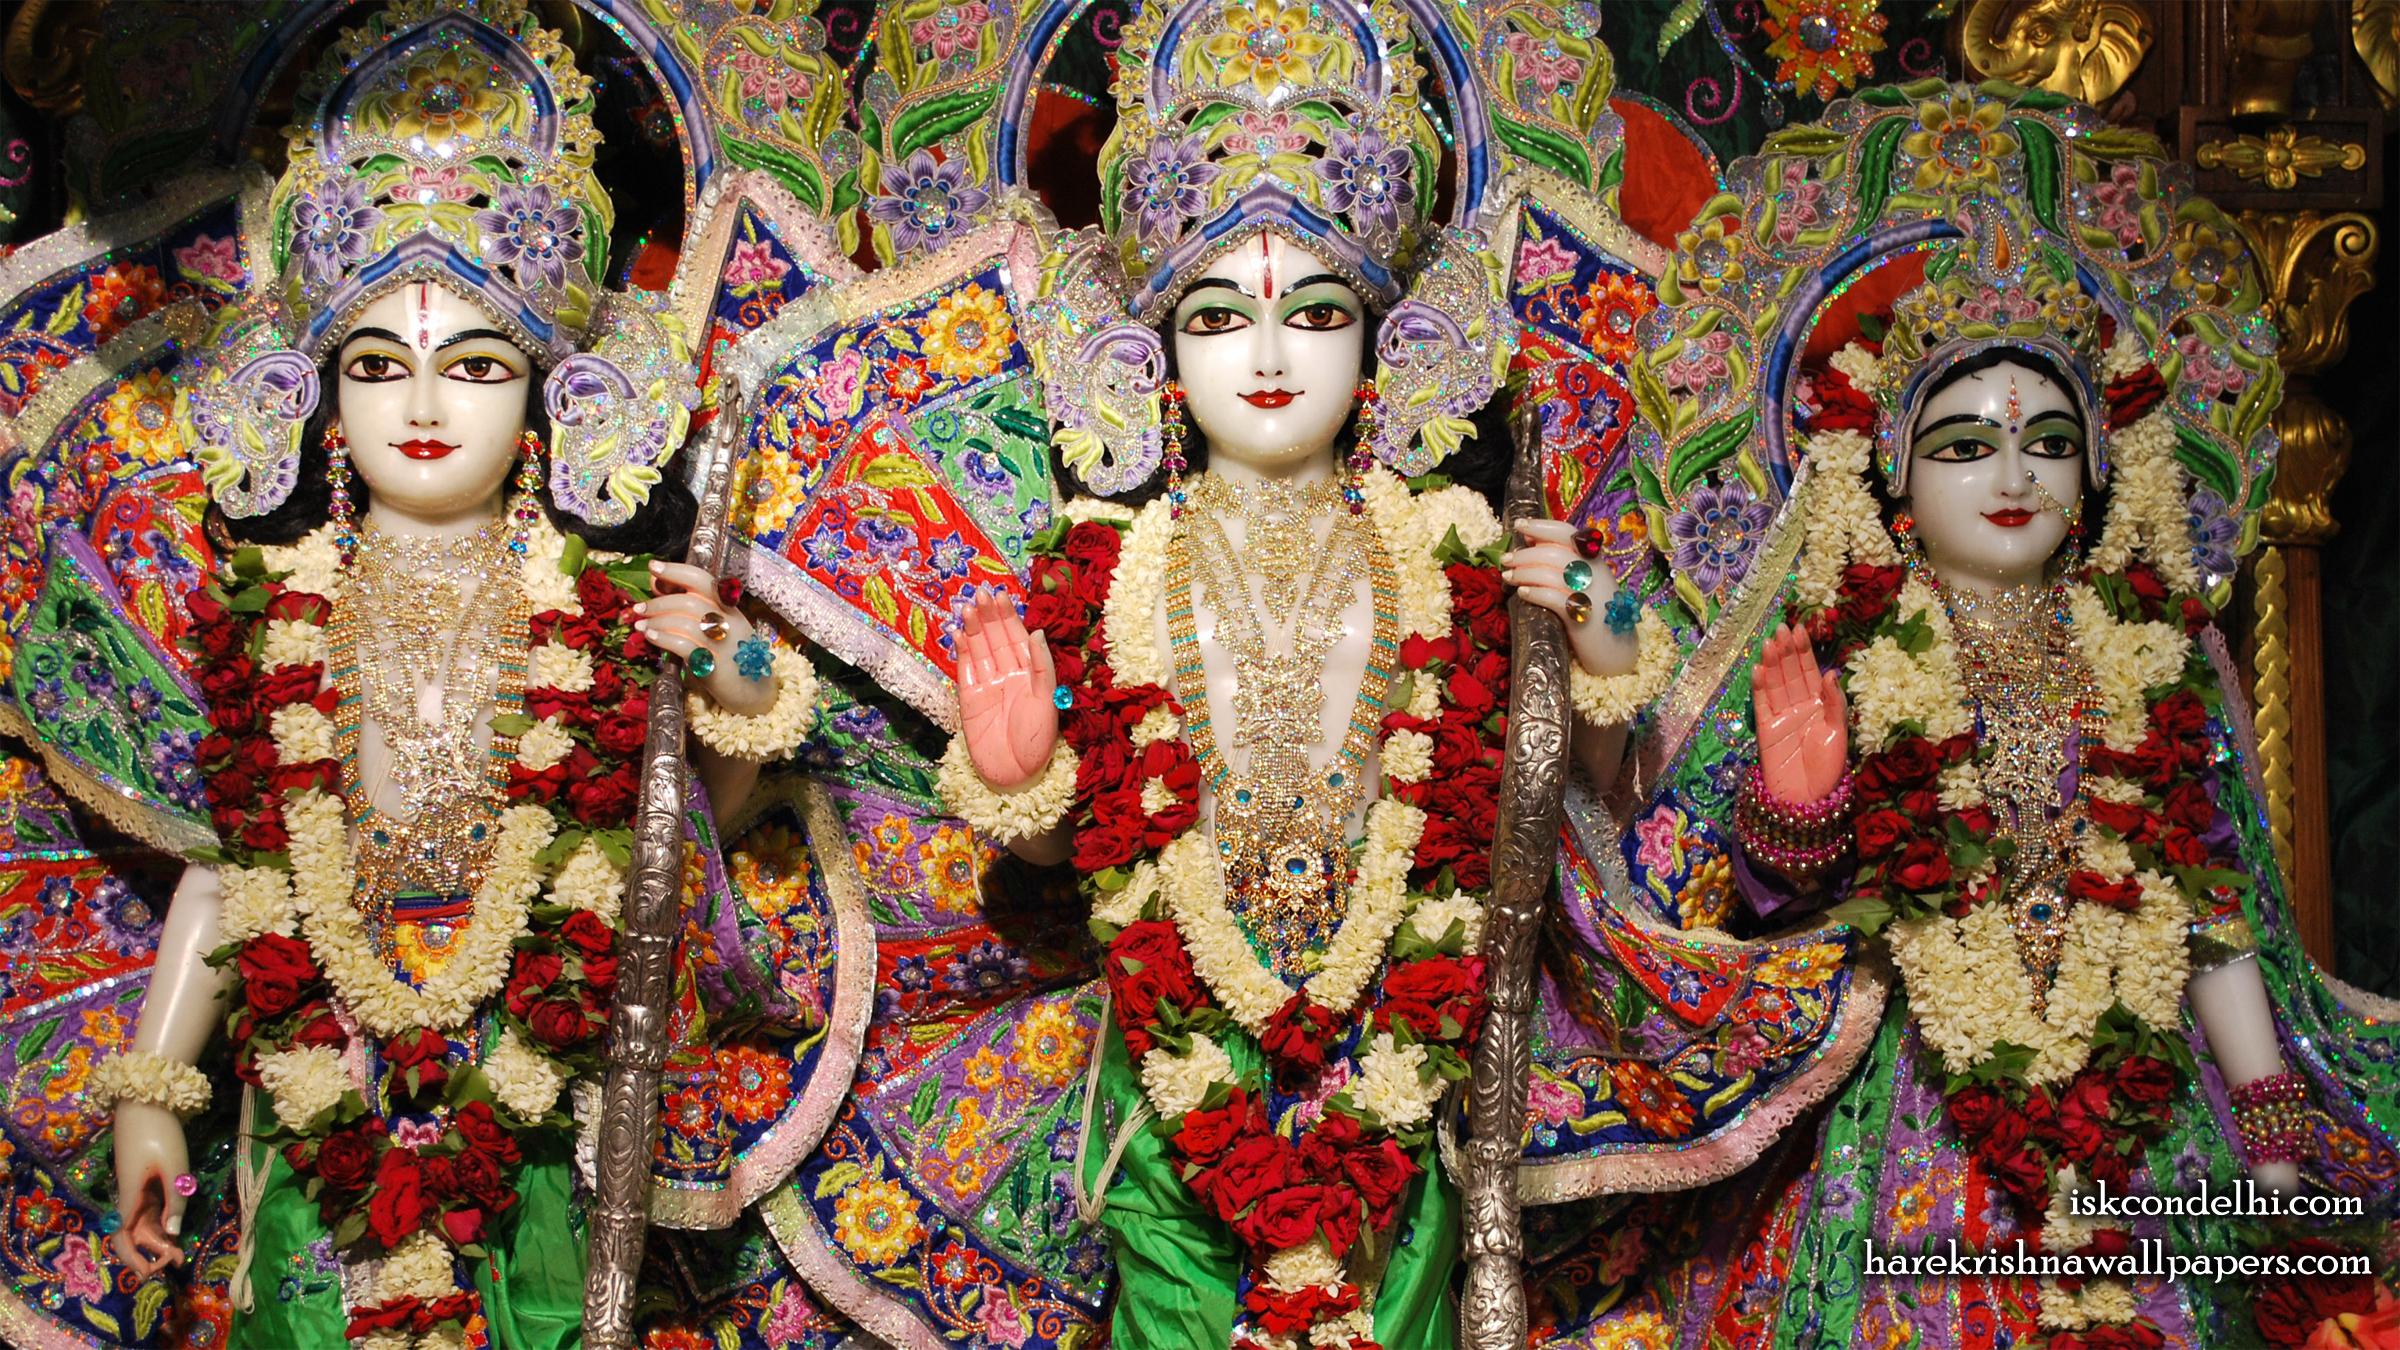 Sri Sri Sita Rama Laxman Wallpaper (005) Size 2400x1350 Download